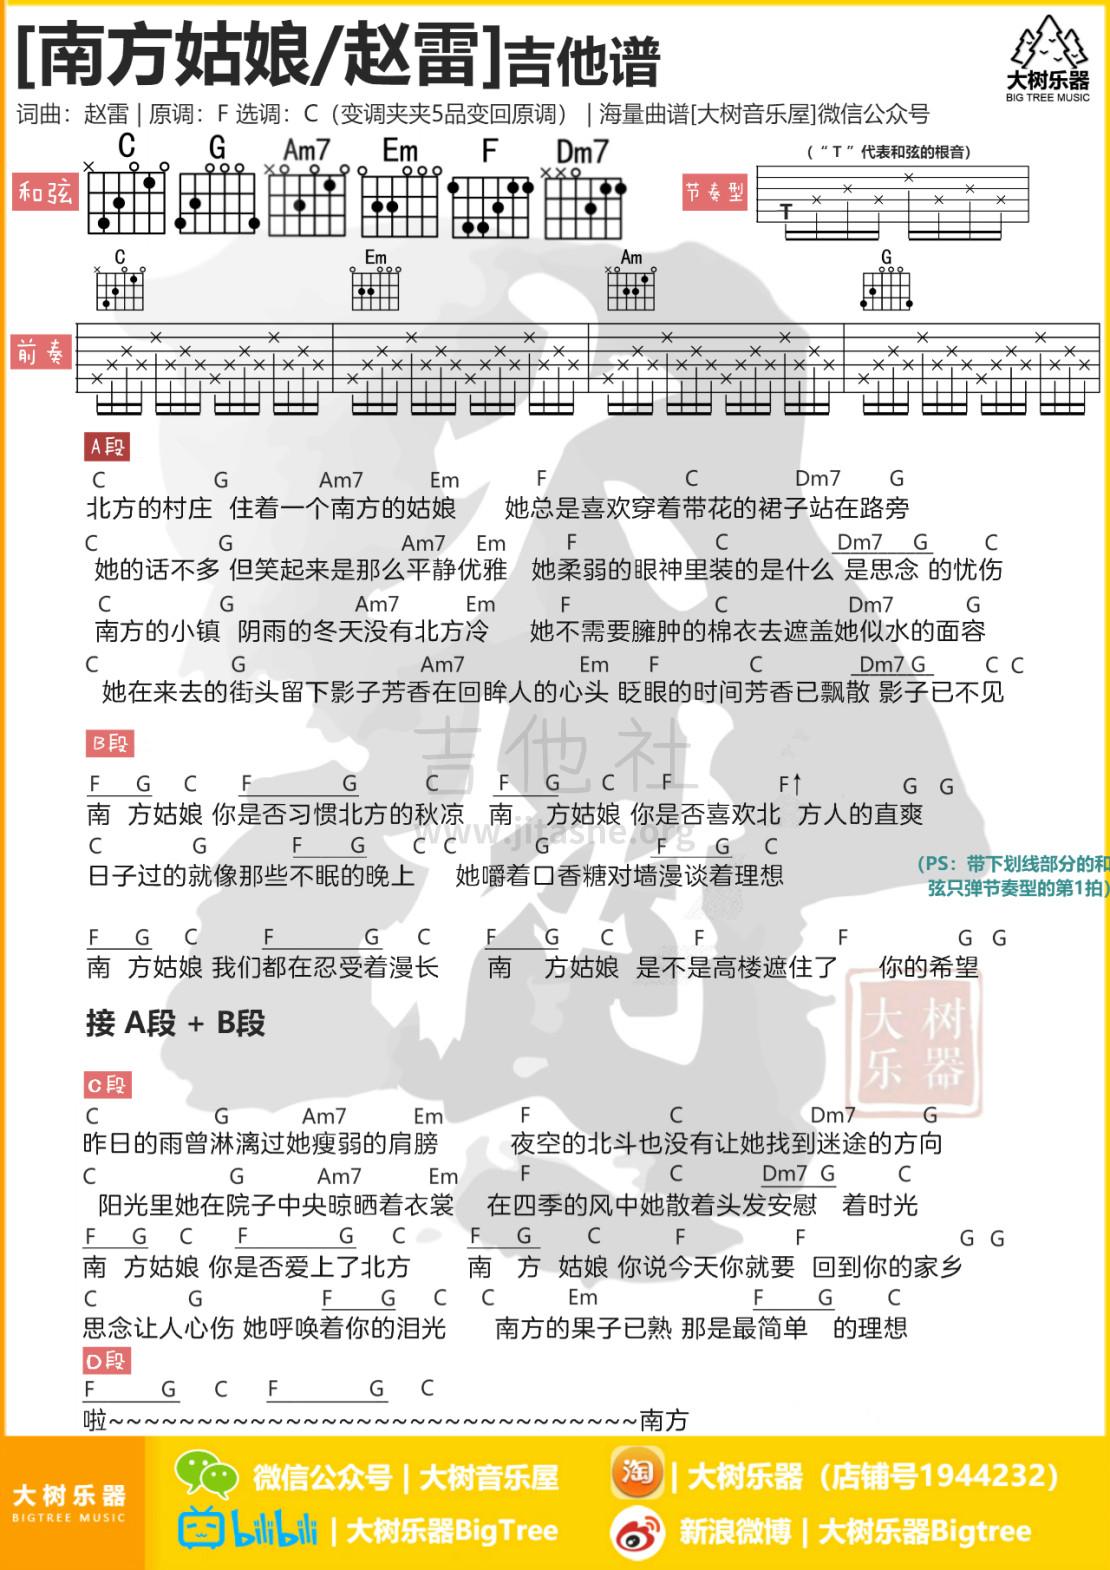 南方姑娘吉他谱(图片谱,弹唱,和弦谱,教学)_赵雷(雷子)_模板_meitu_3_meitu_2_meitu_2.jpg